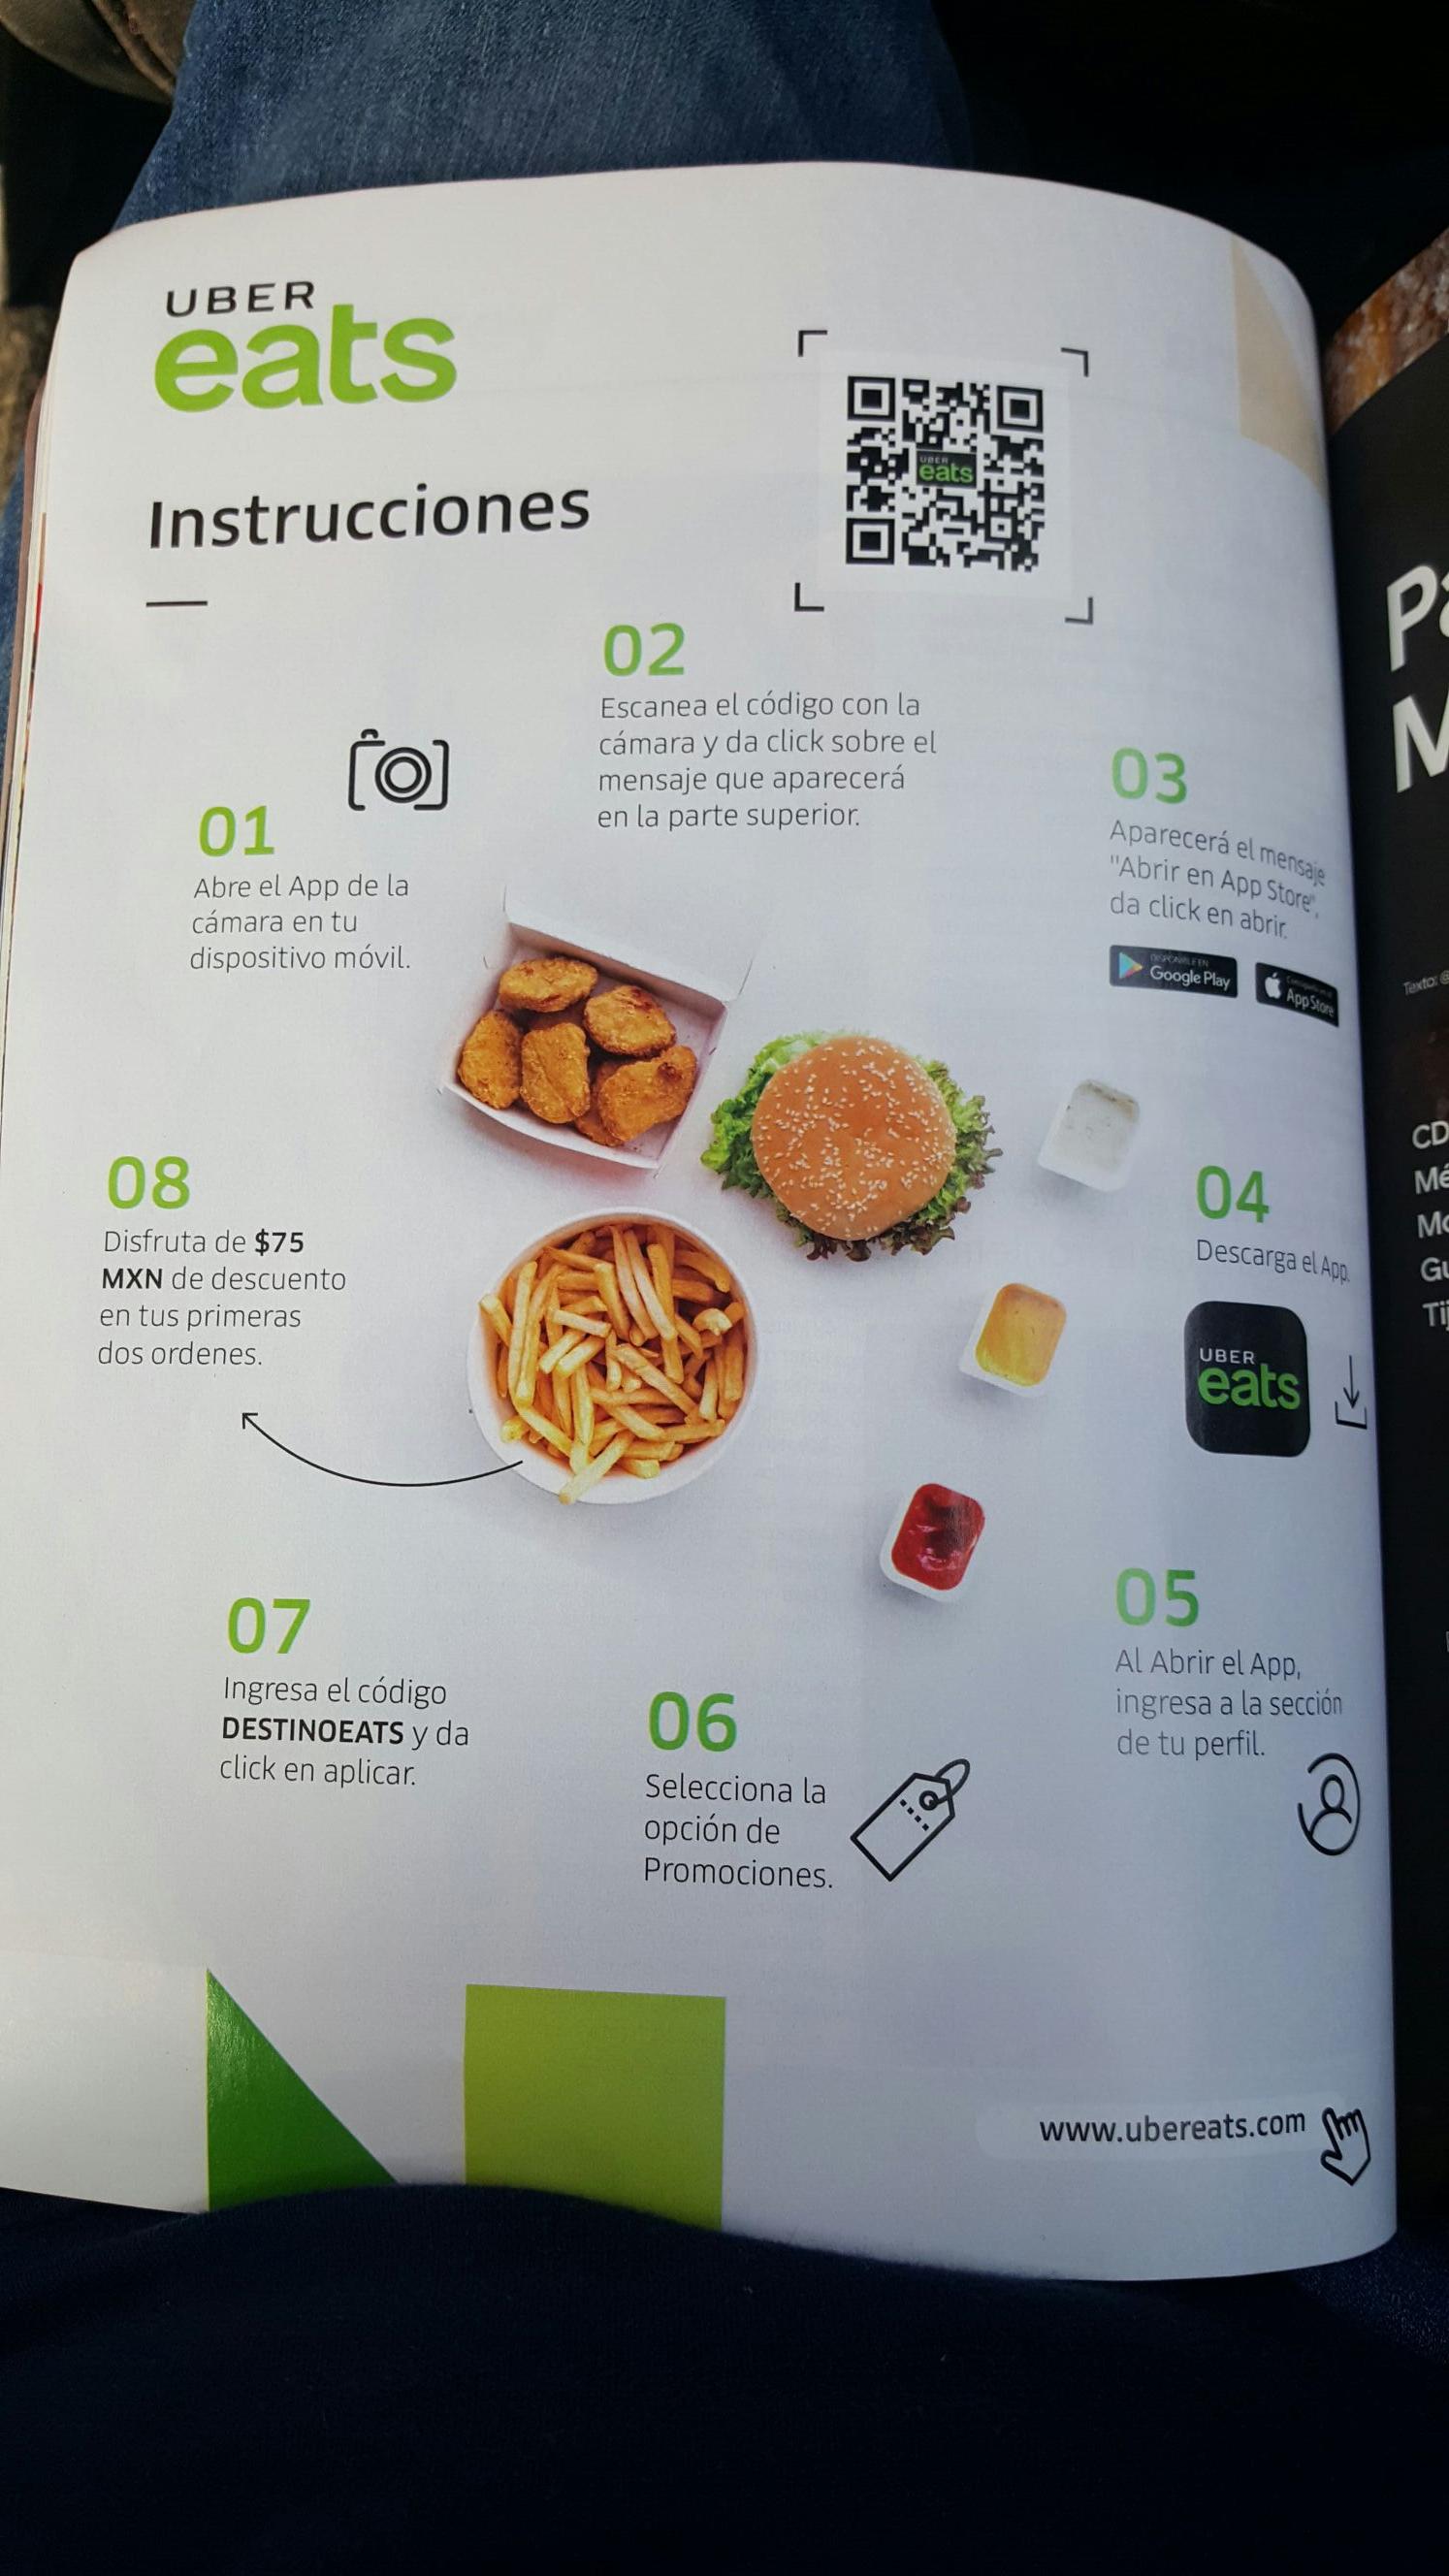 Uber Eats: $75 MXN de descuento en 4 ordenes. Usuarios viejos y nuevos.